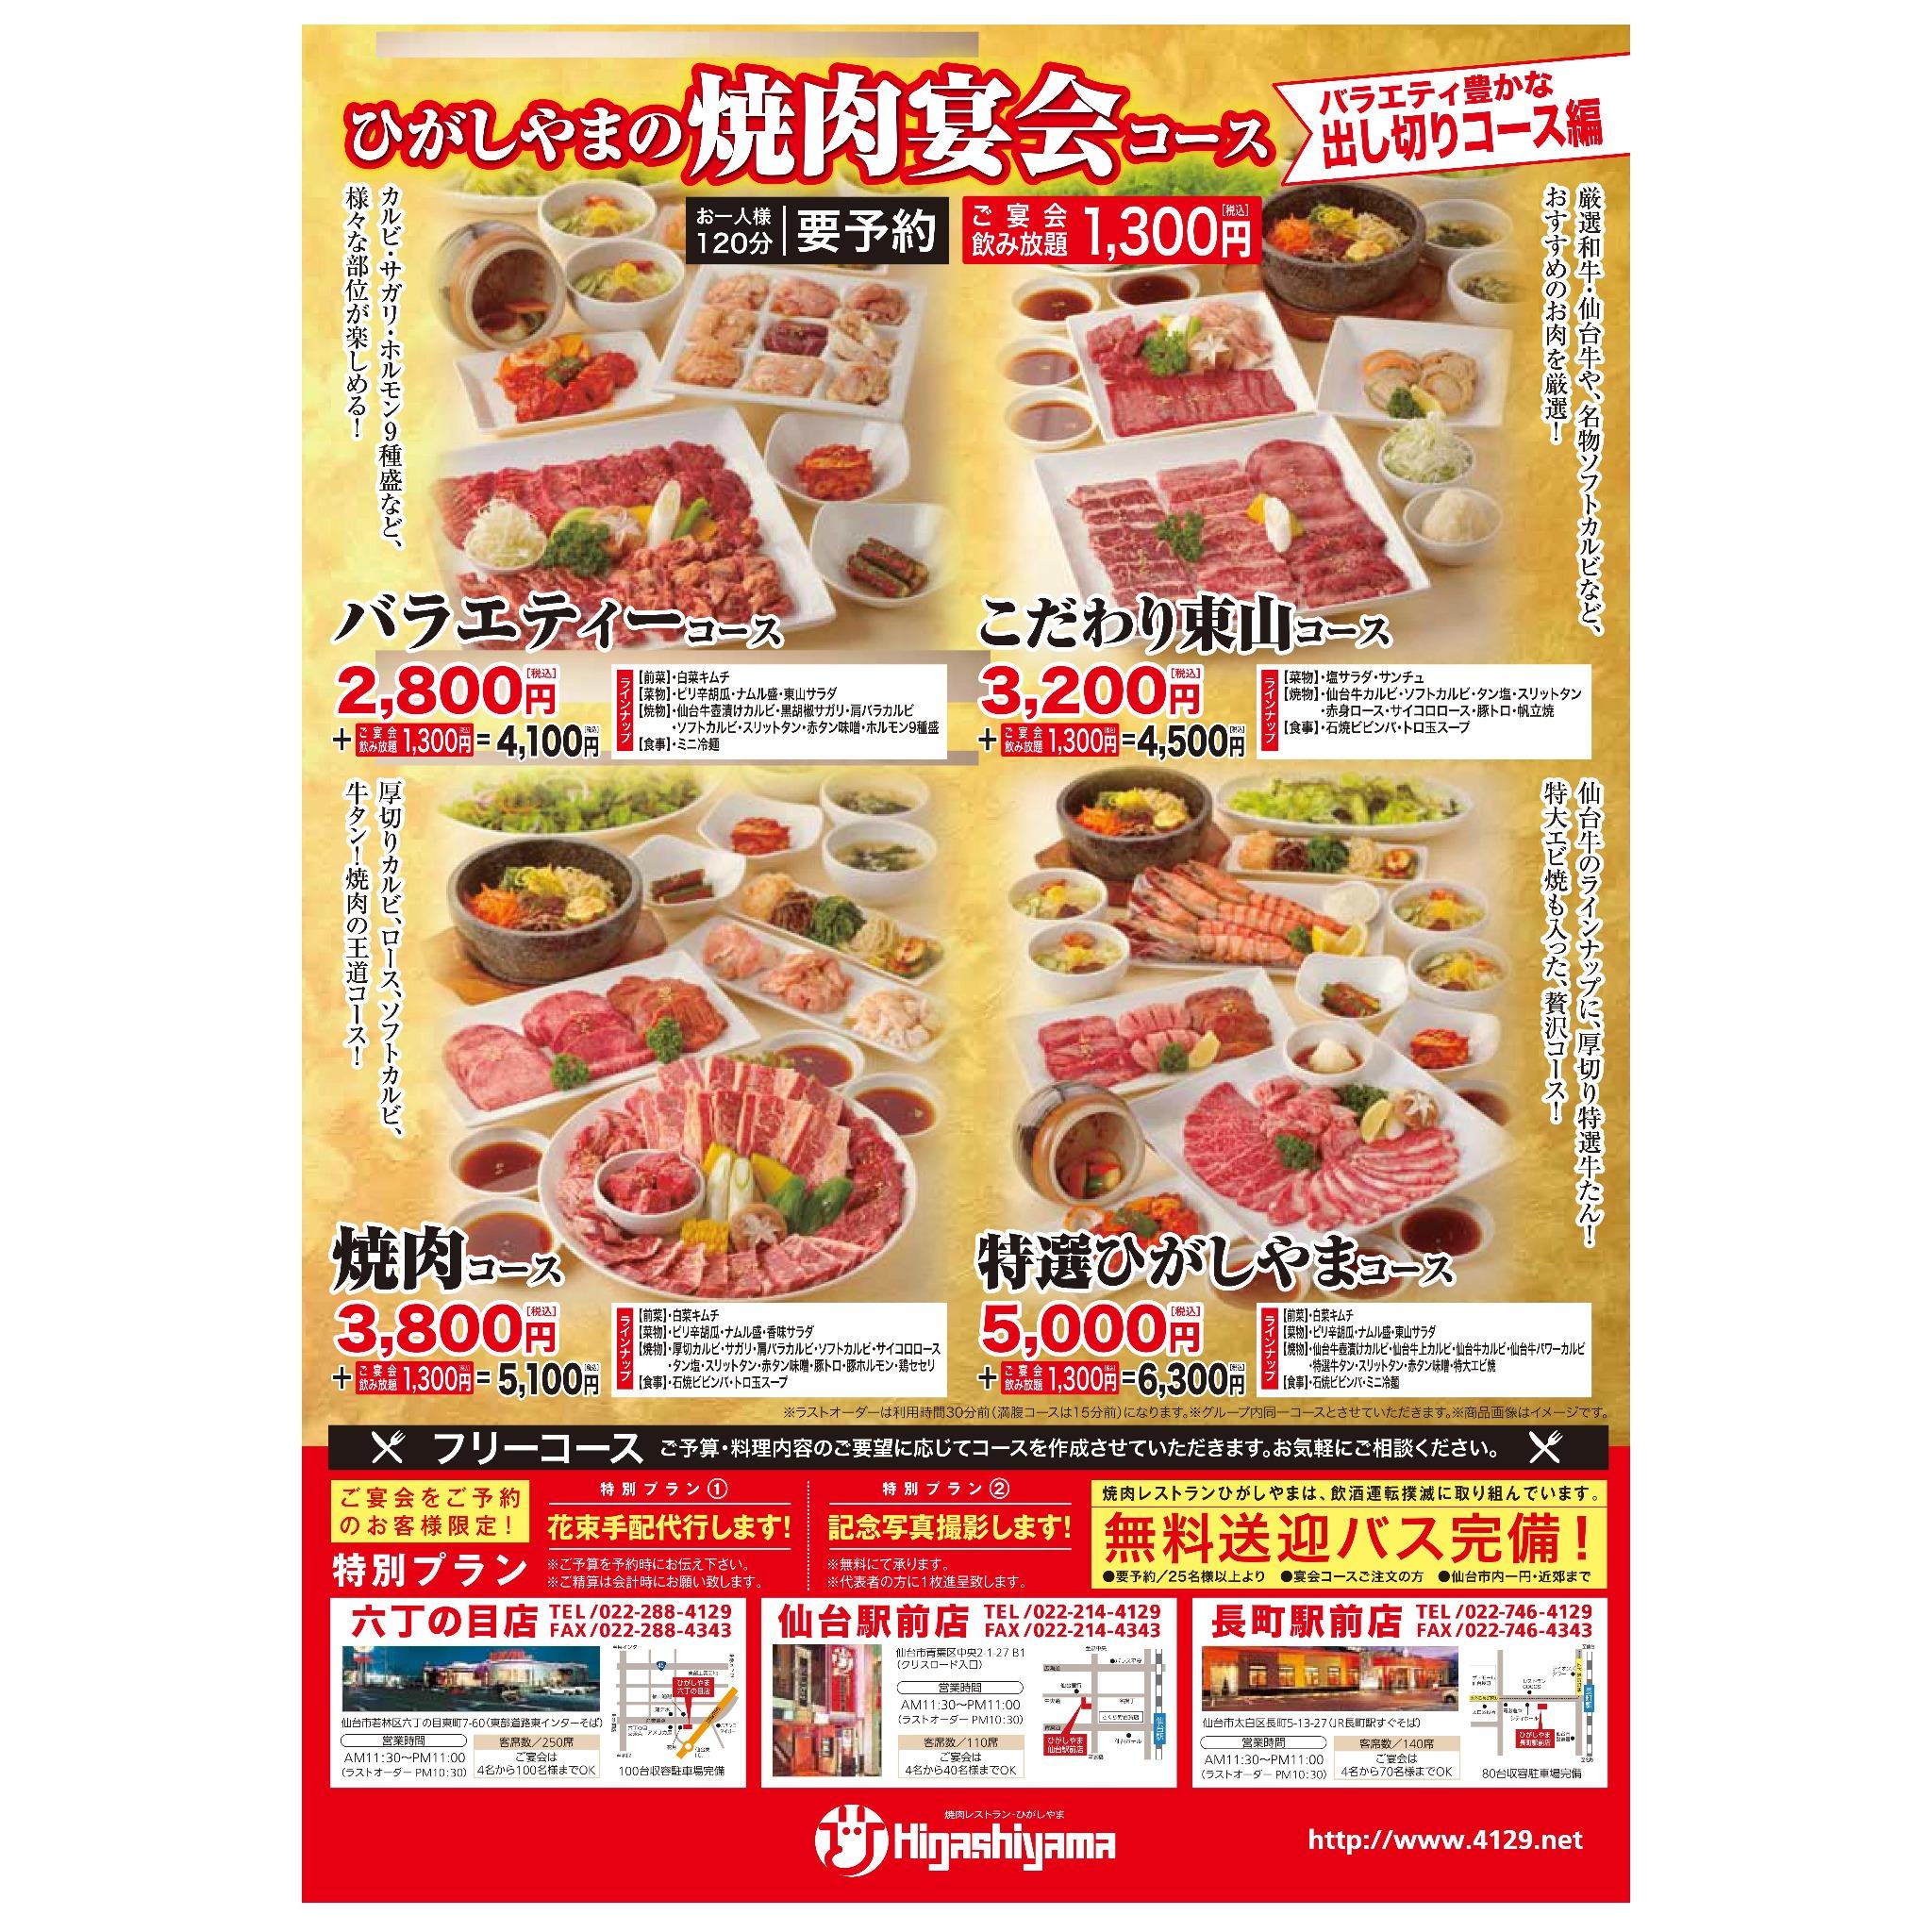 ひがしやまの焼肉宴会コース 食べ放題編